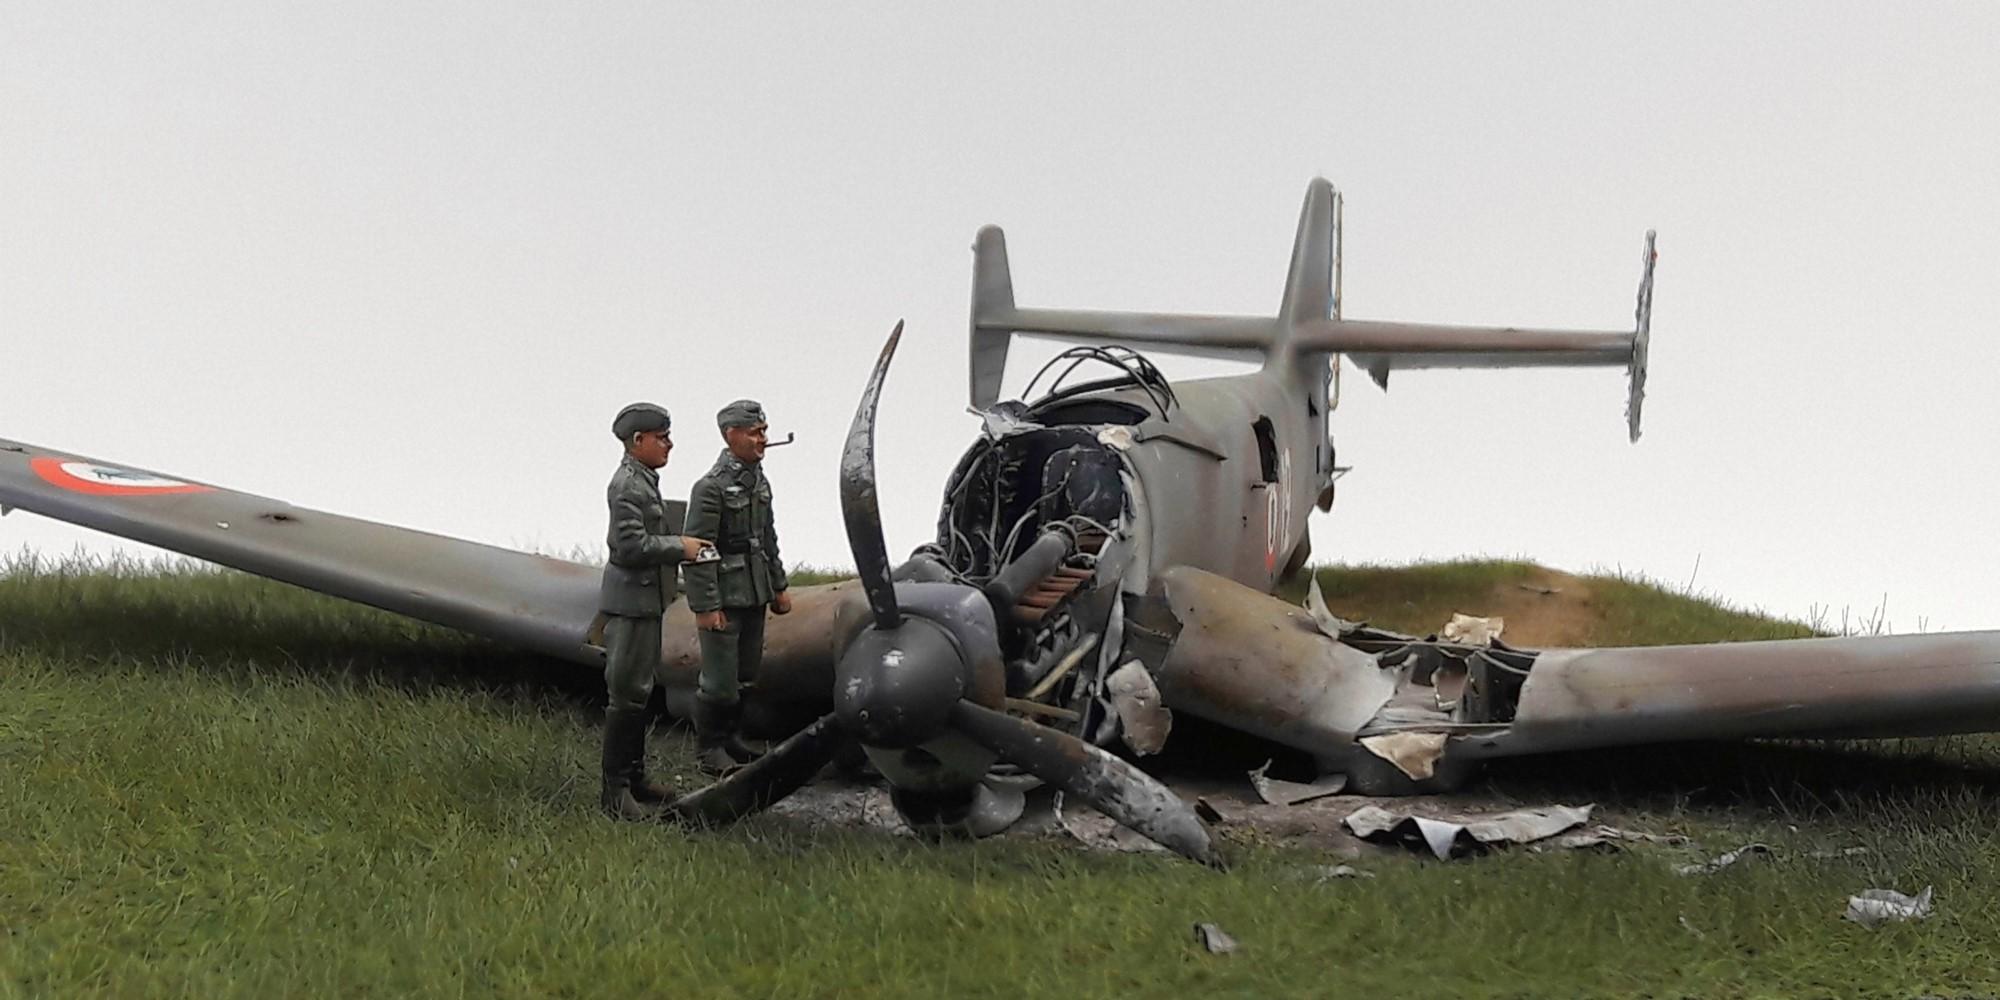 [Concours Aéronavale] Loire Nieuport 401/411 -  Special hobby 1/48 - crash à Villereau -le sacrifice des marins aviateurs du 19 mai 1940 - Mission Berlaimont  Image488